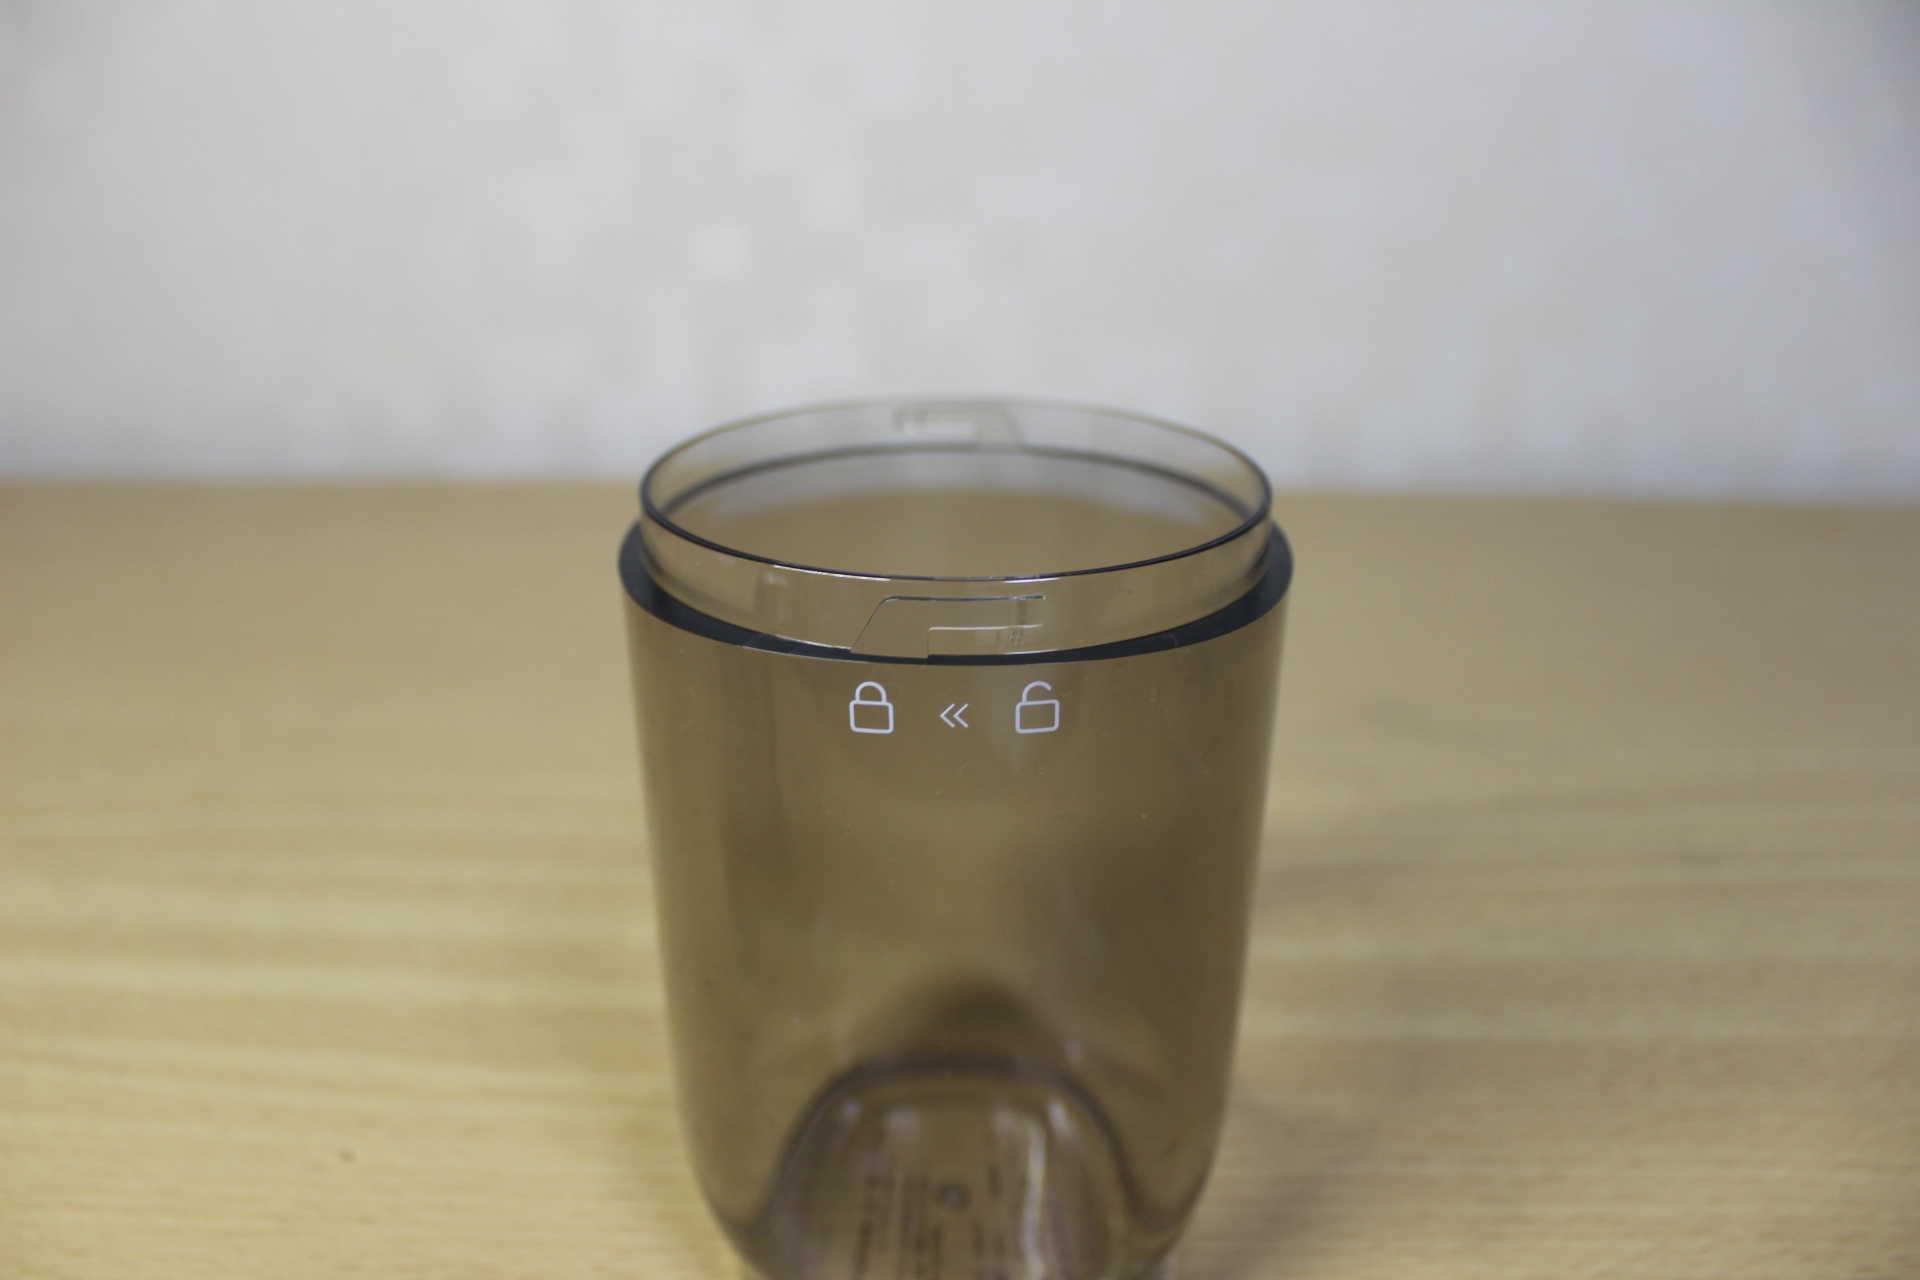 コールドブリューが作れるWiswell Water Dripperのコーヒーサーバー